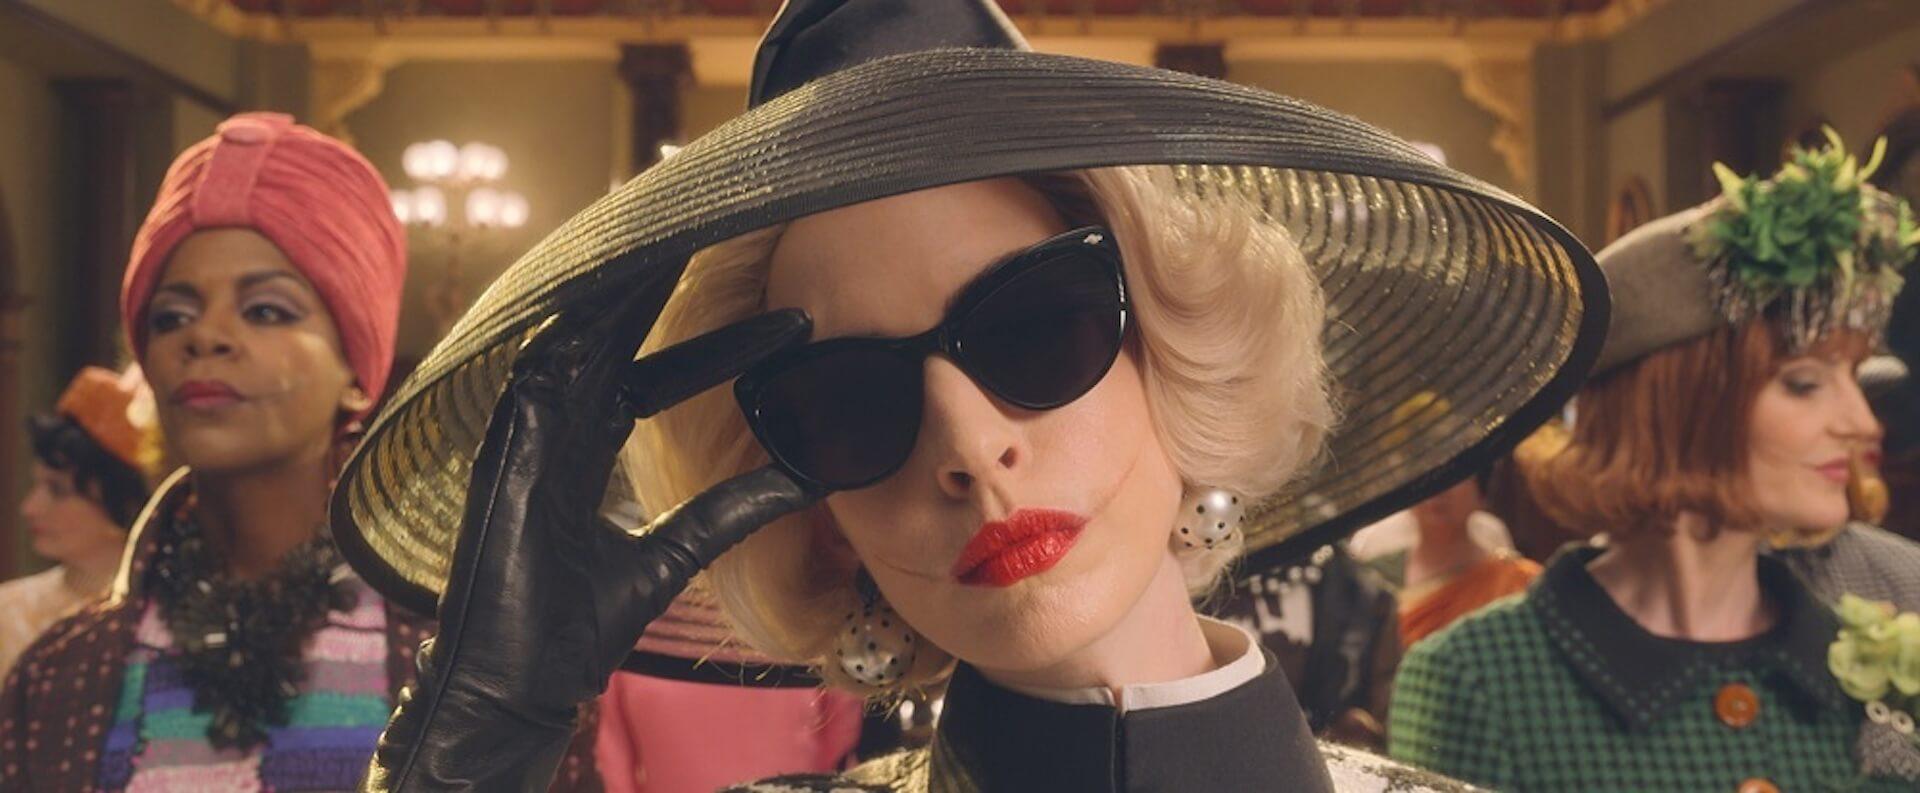 アン・ハサウェイ主演『魔女がいっぱい』がついに本日公開!ロバート・ゼメキスらアカデミー賞受賞者5名が集った特別映像も解禁 film201204_thewitches_3